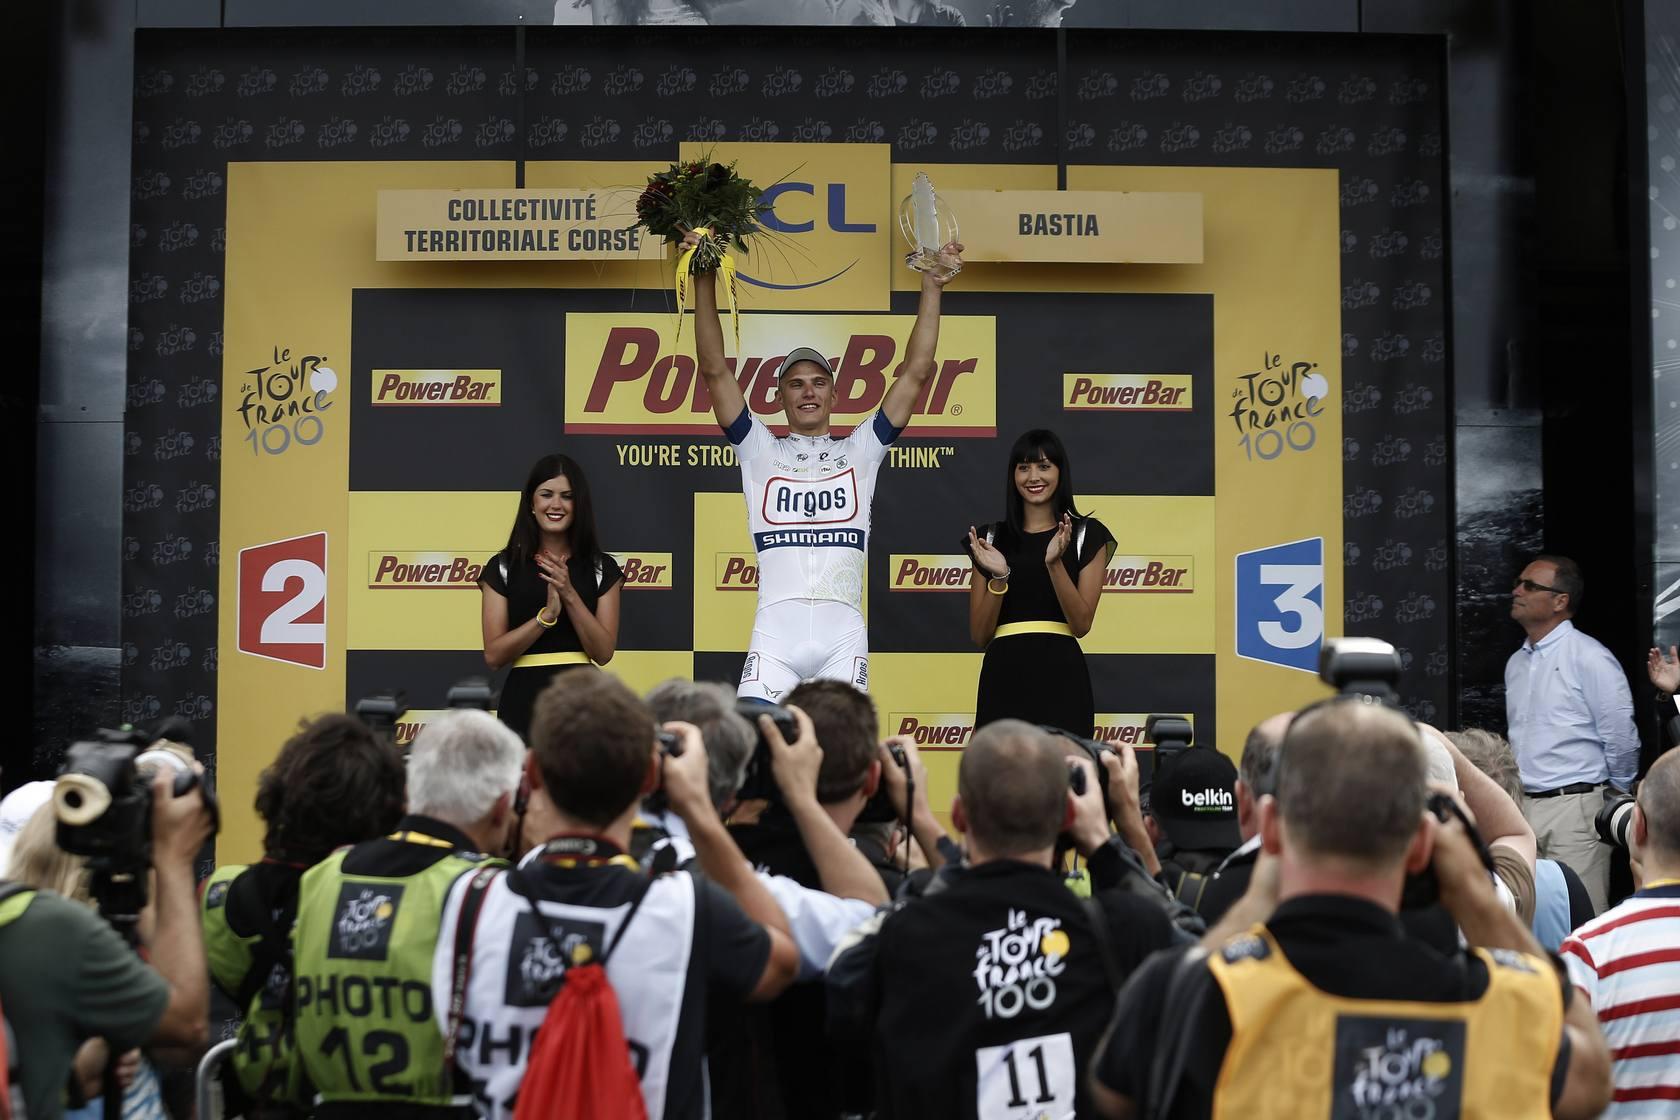 Kittel gana primera etapa del Tour , Contador implicado en una caída masiva